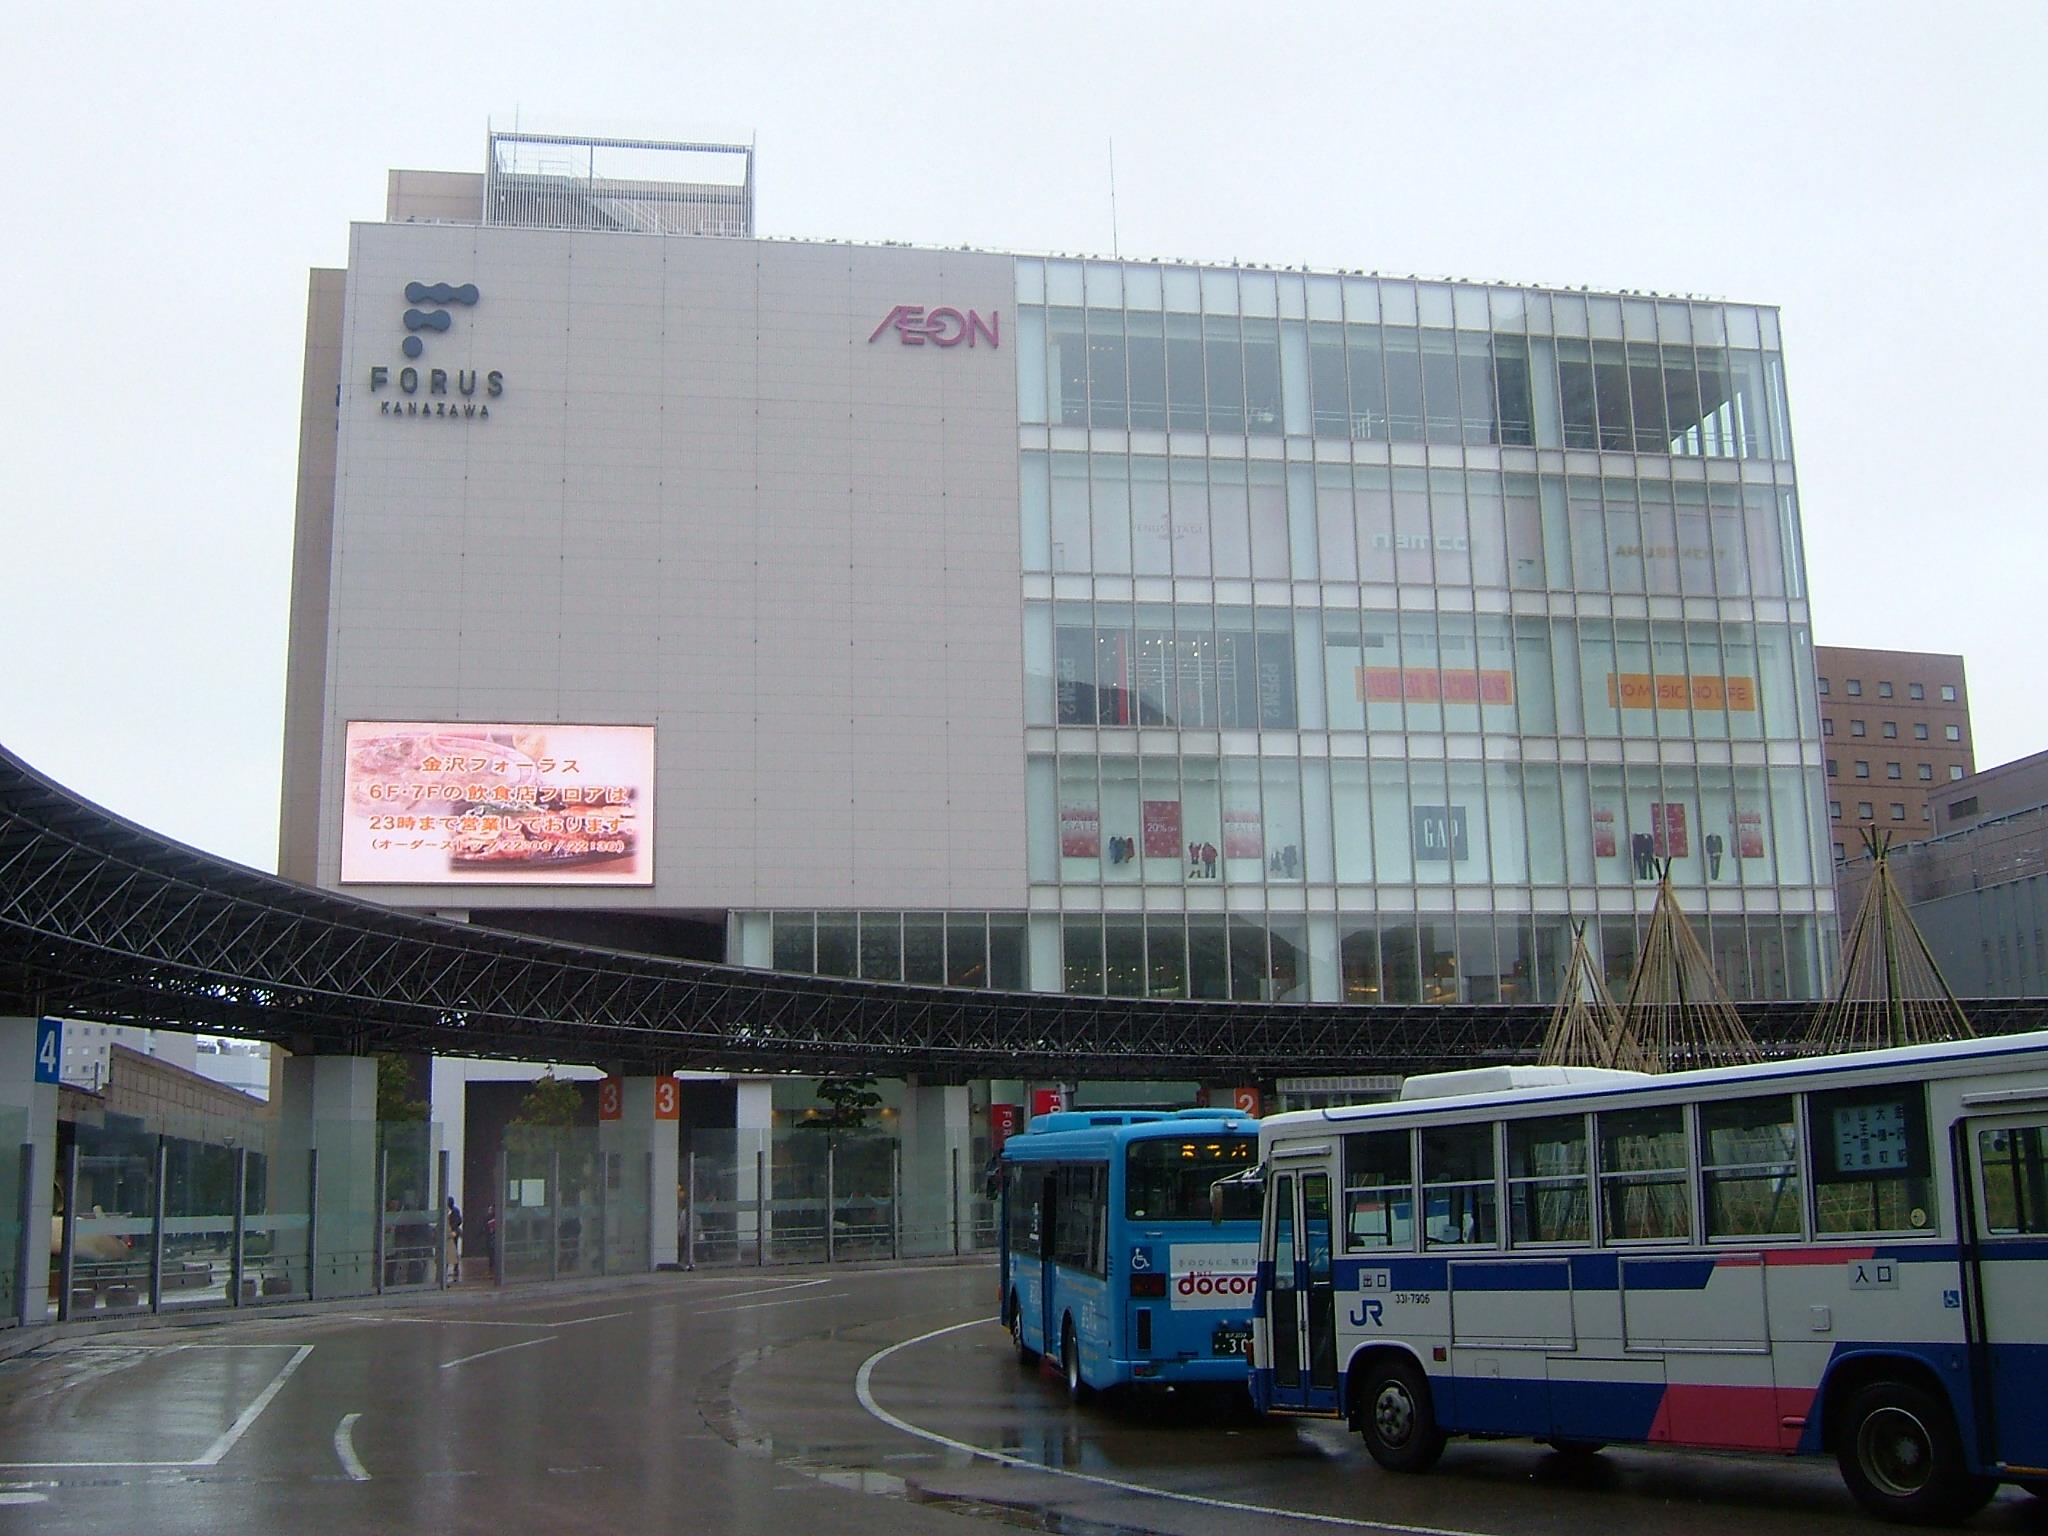 シネマ 金沢 イオン